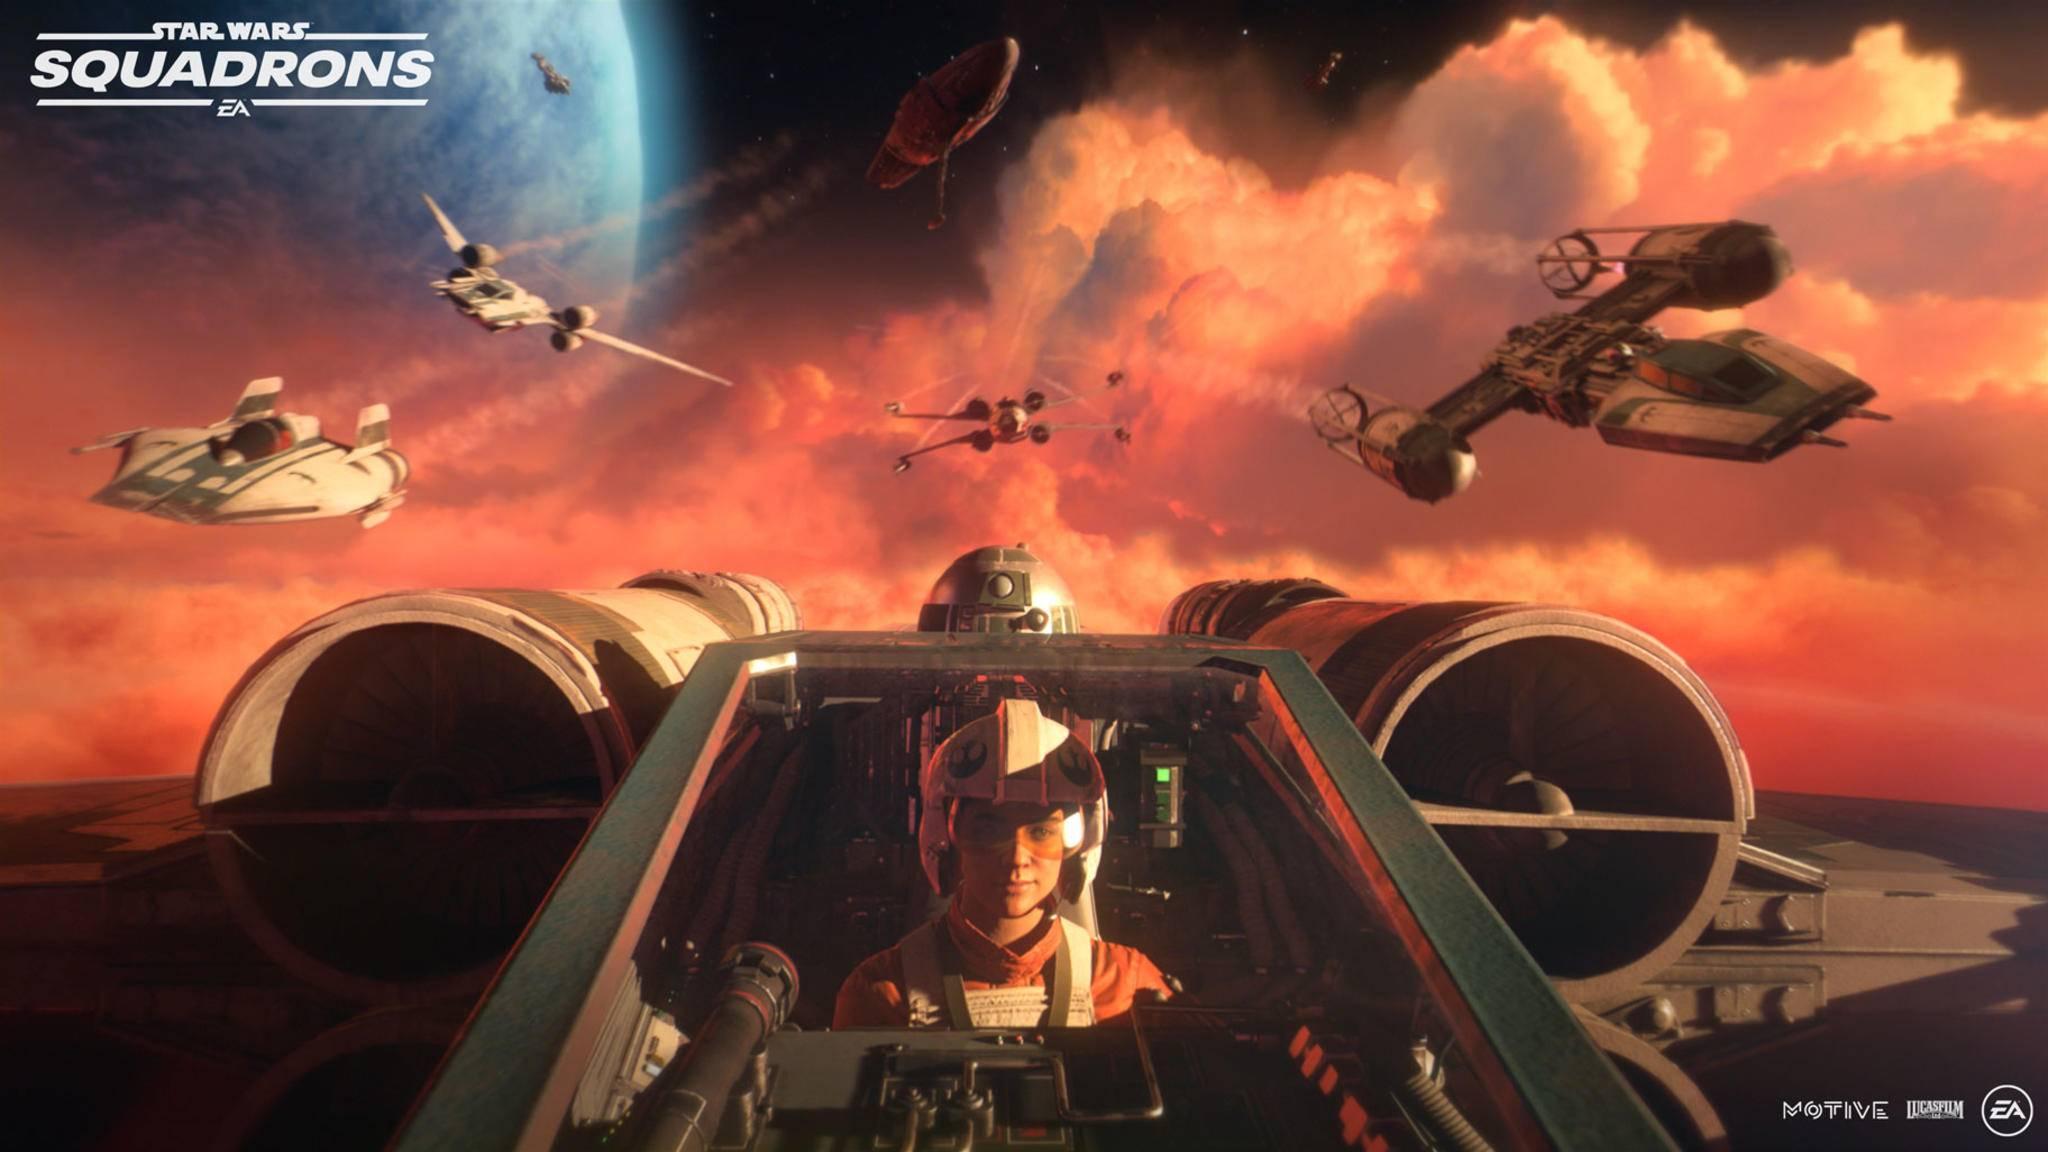 star-wars-squadrons-screenshot-cockpit-ea